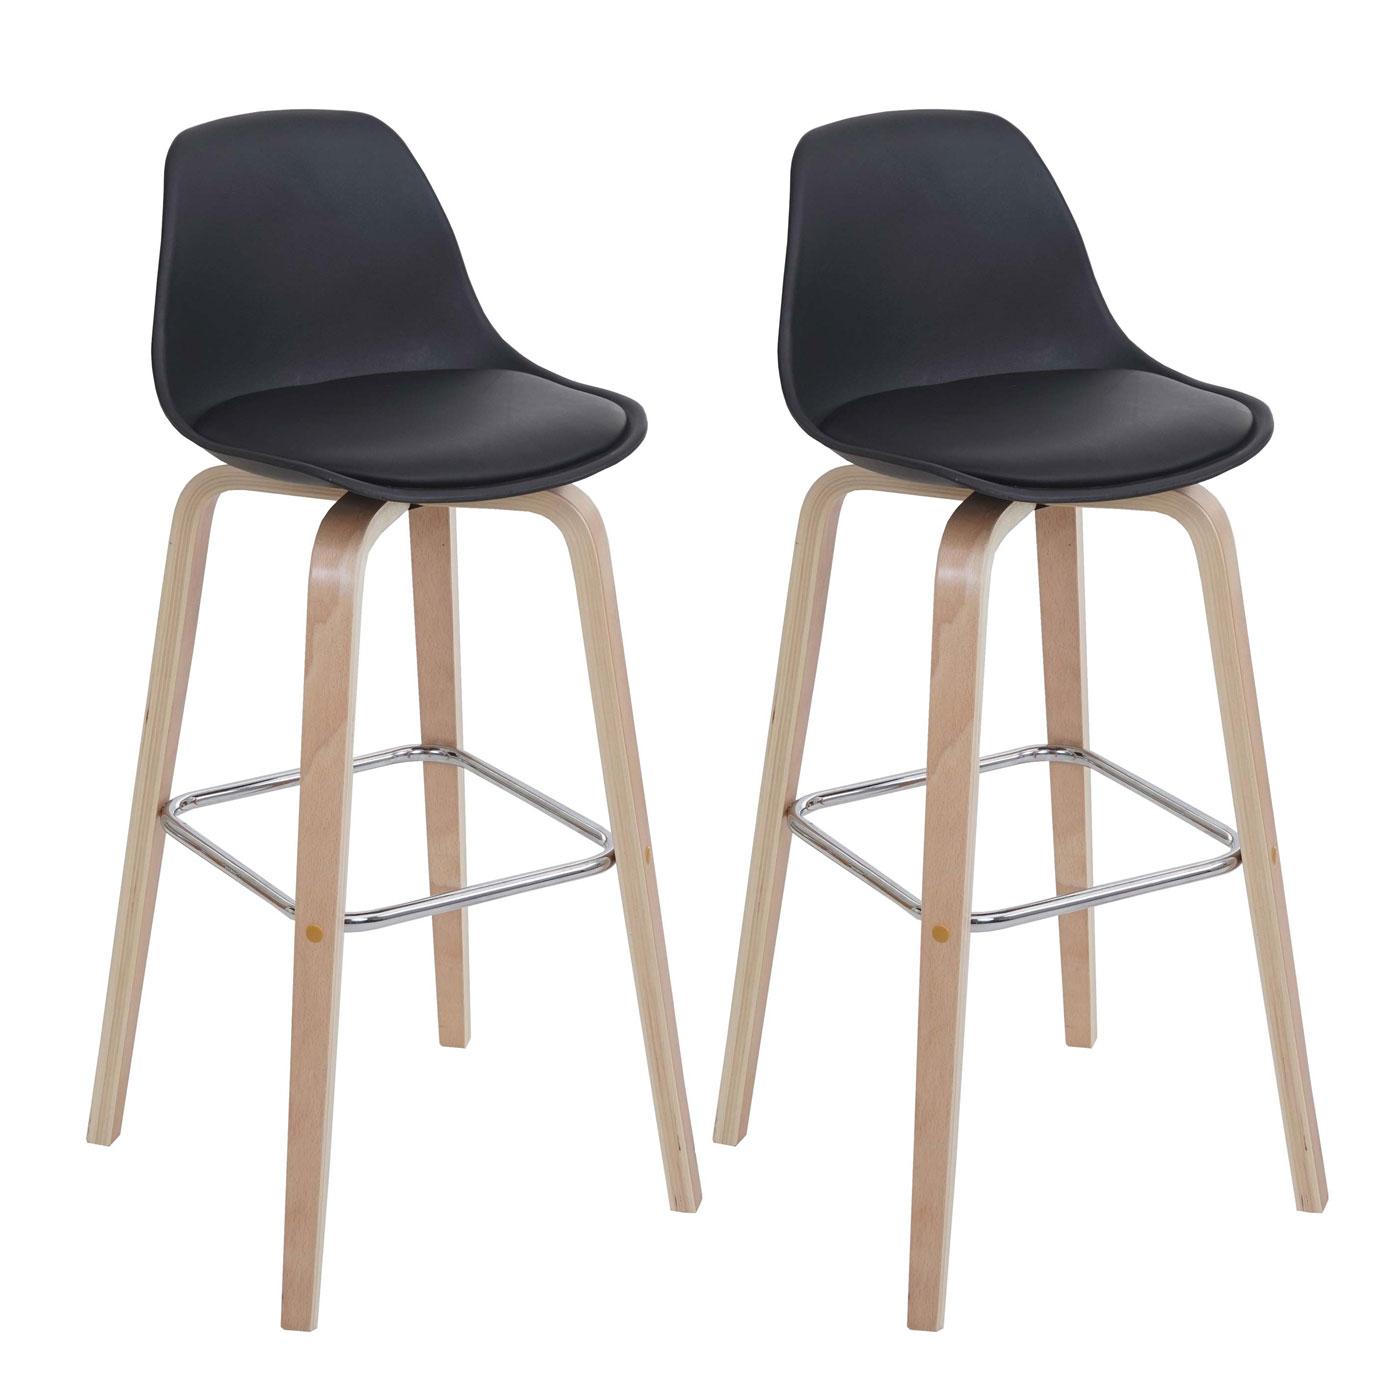 2x barhocker hwc a89 barstuhl tresenhocker mit lehne. Black Bedroom Furniture Sets. Home Design Ideas